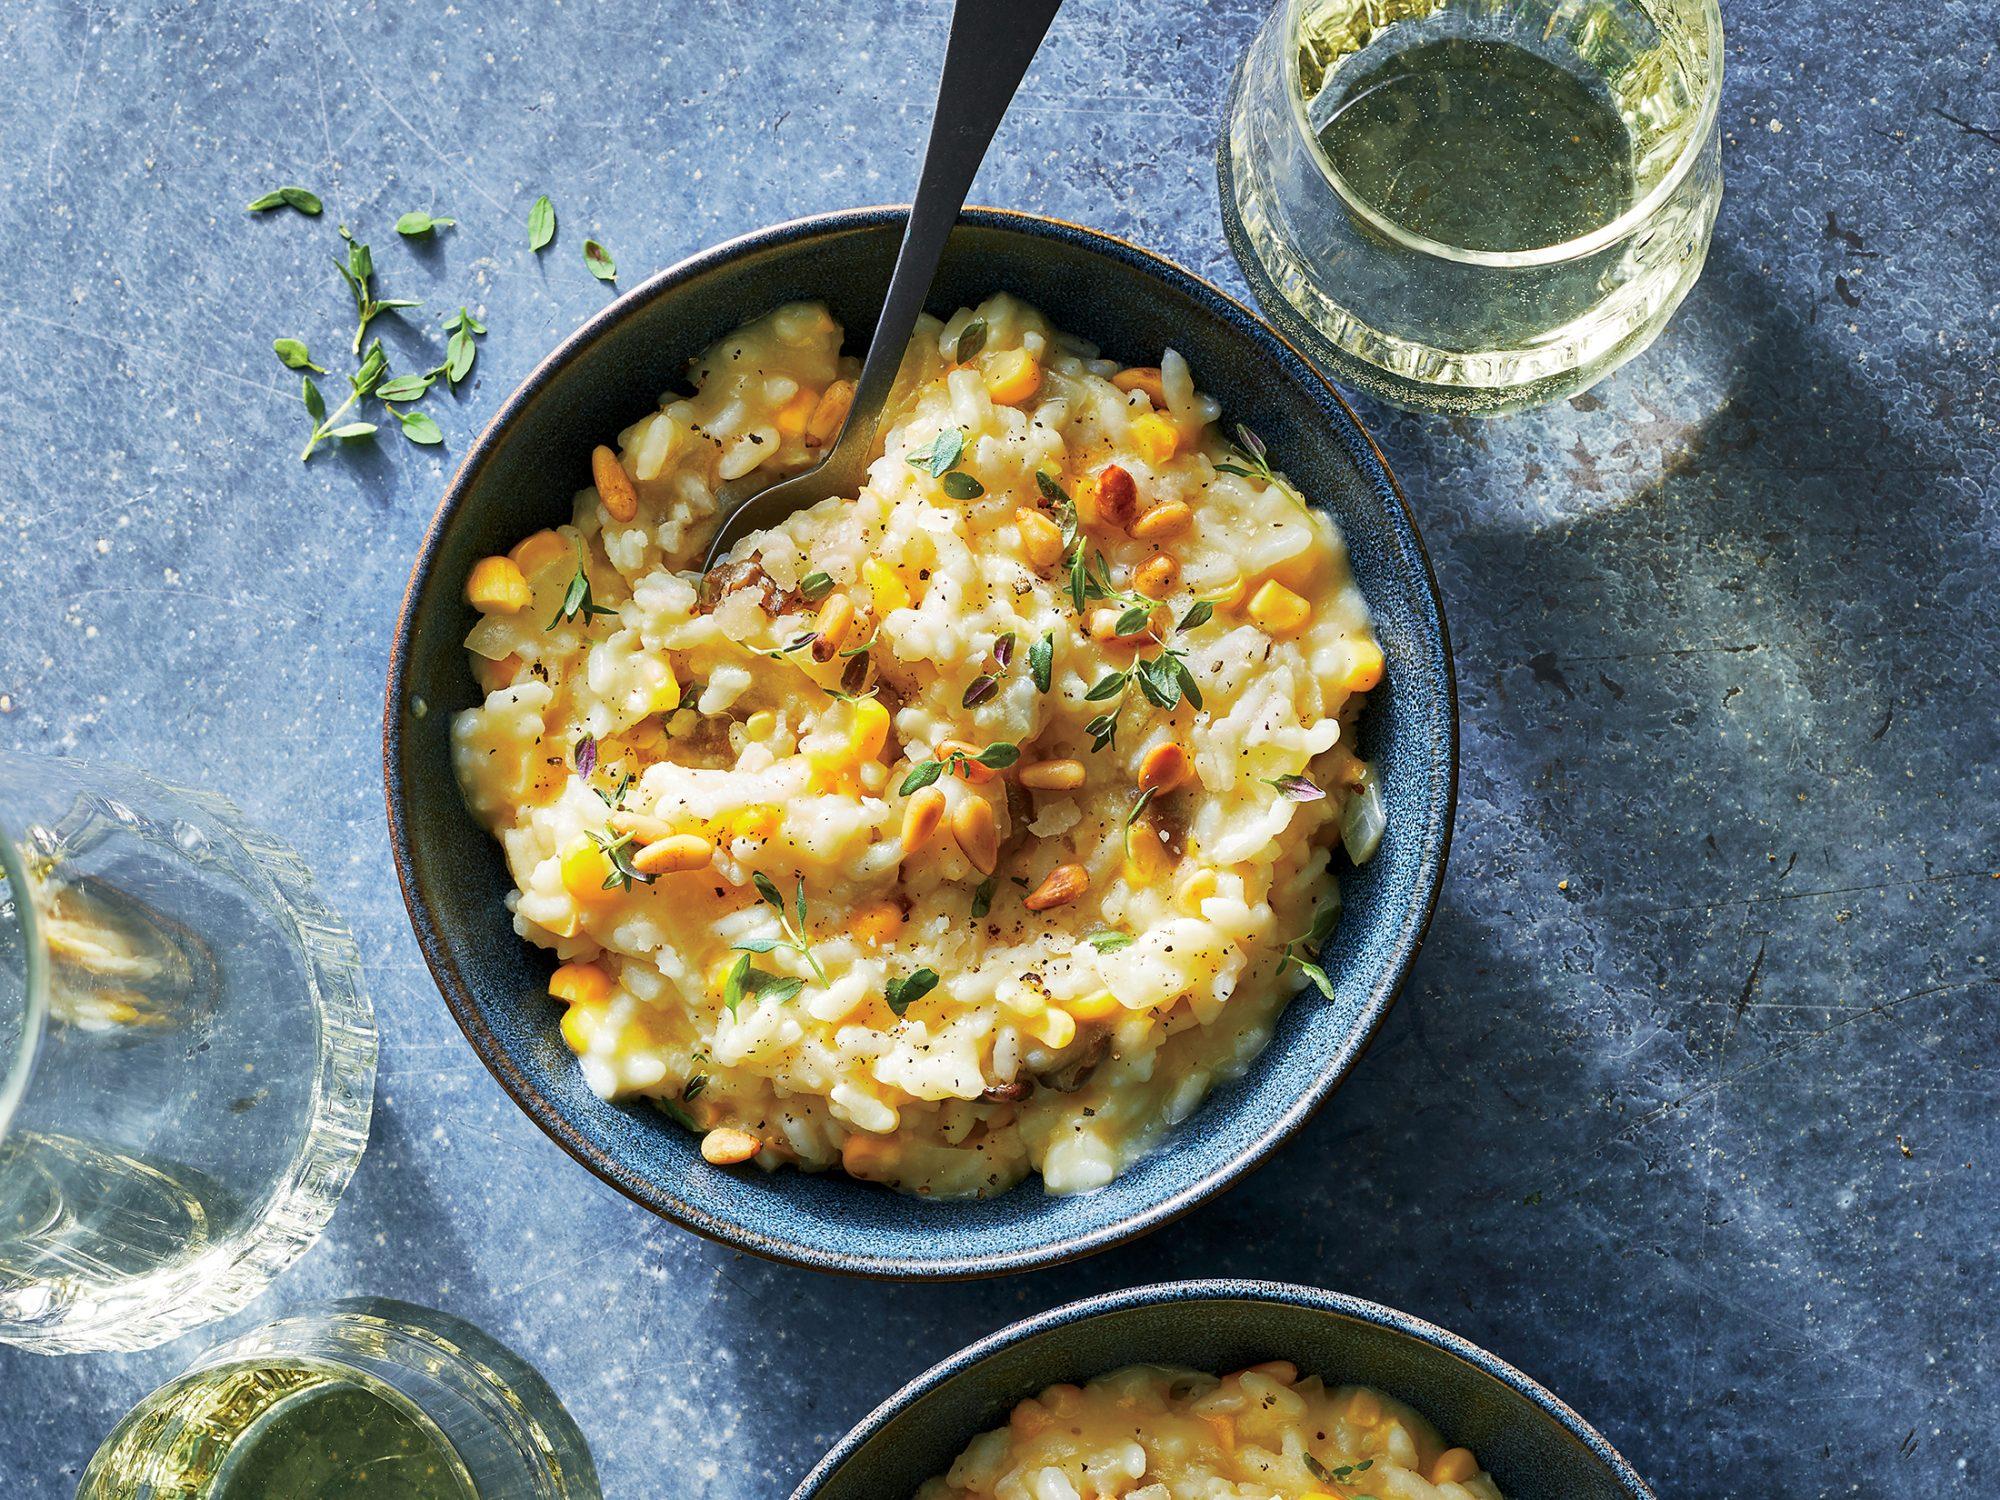 Creamy Corn-mushroom Risotto